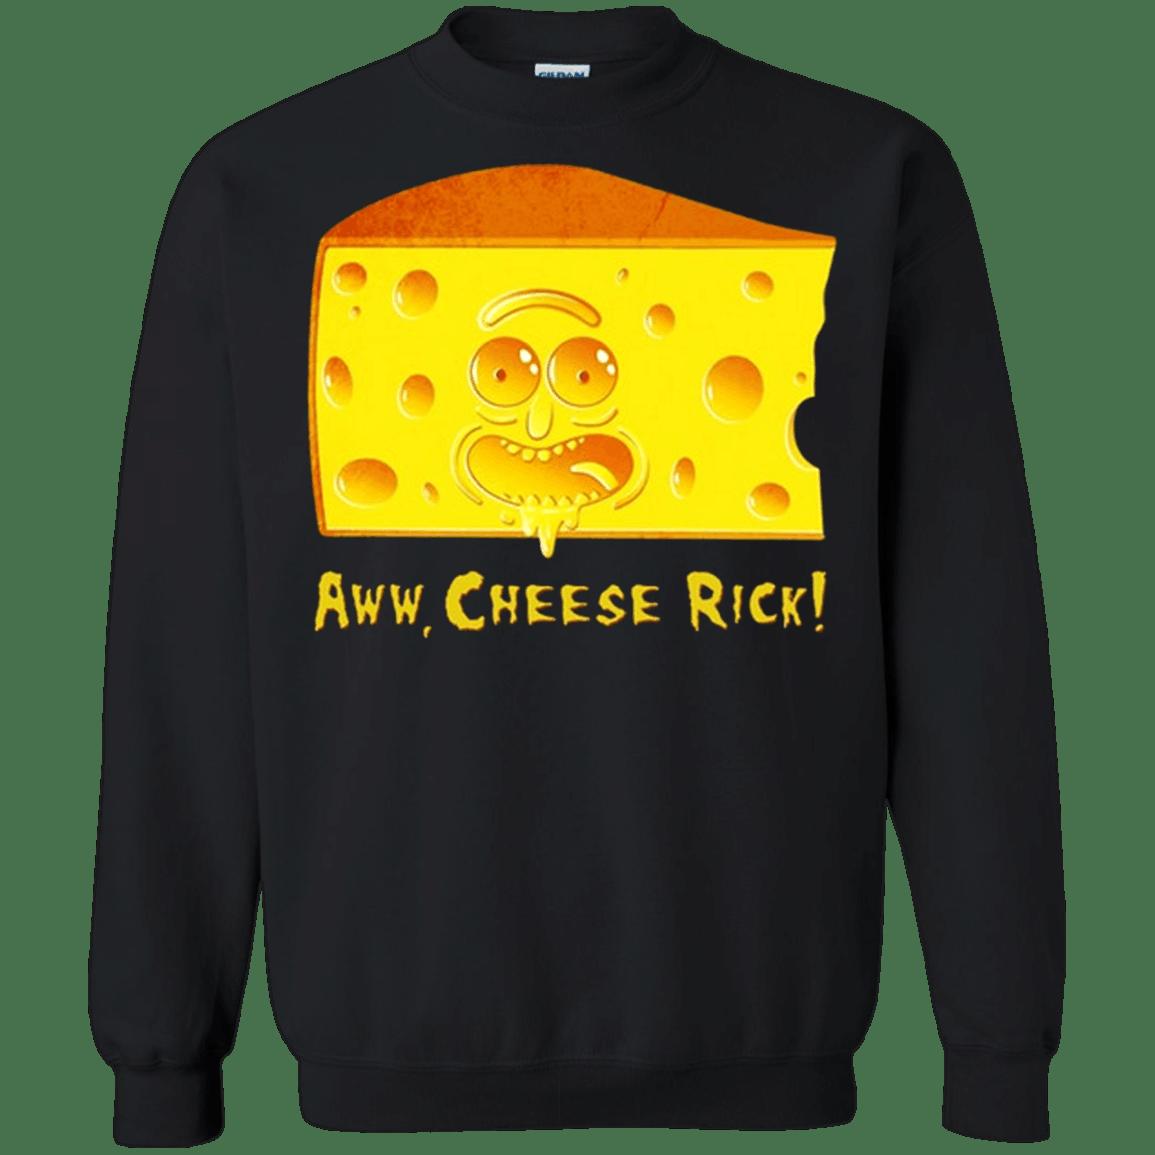 Cheese Rick – Rick and Morty G180 Gildan Crewneck Pullover Sweatshirt